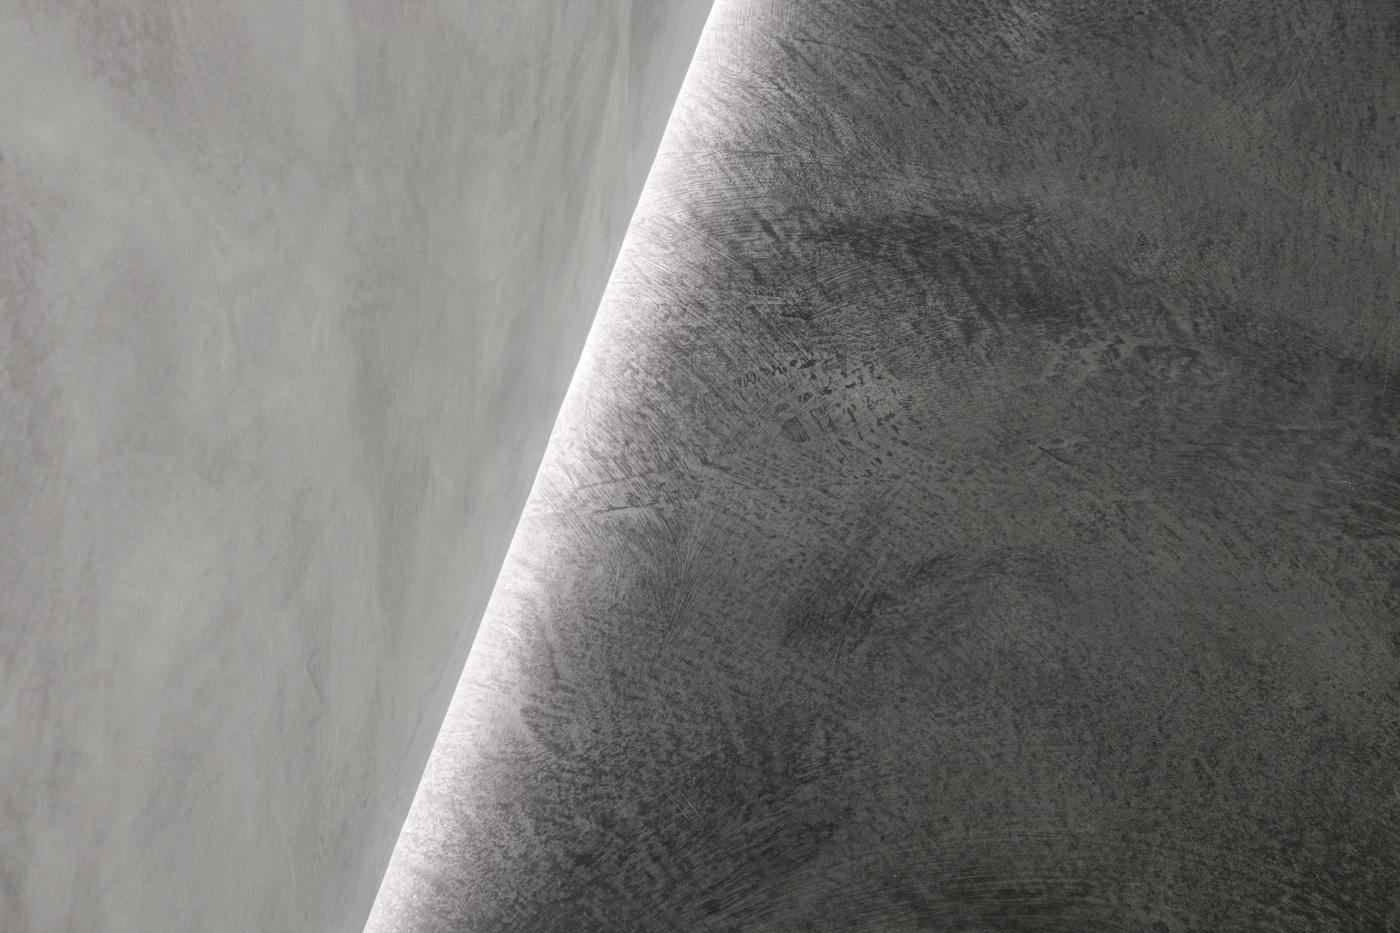 36_Esposizione_Moling-IMG_0178_GW.jpg